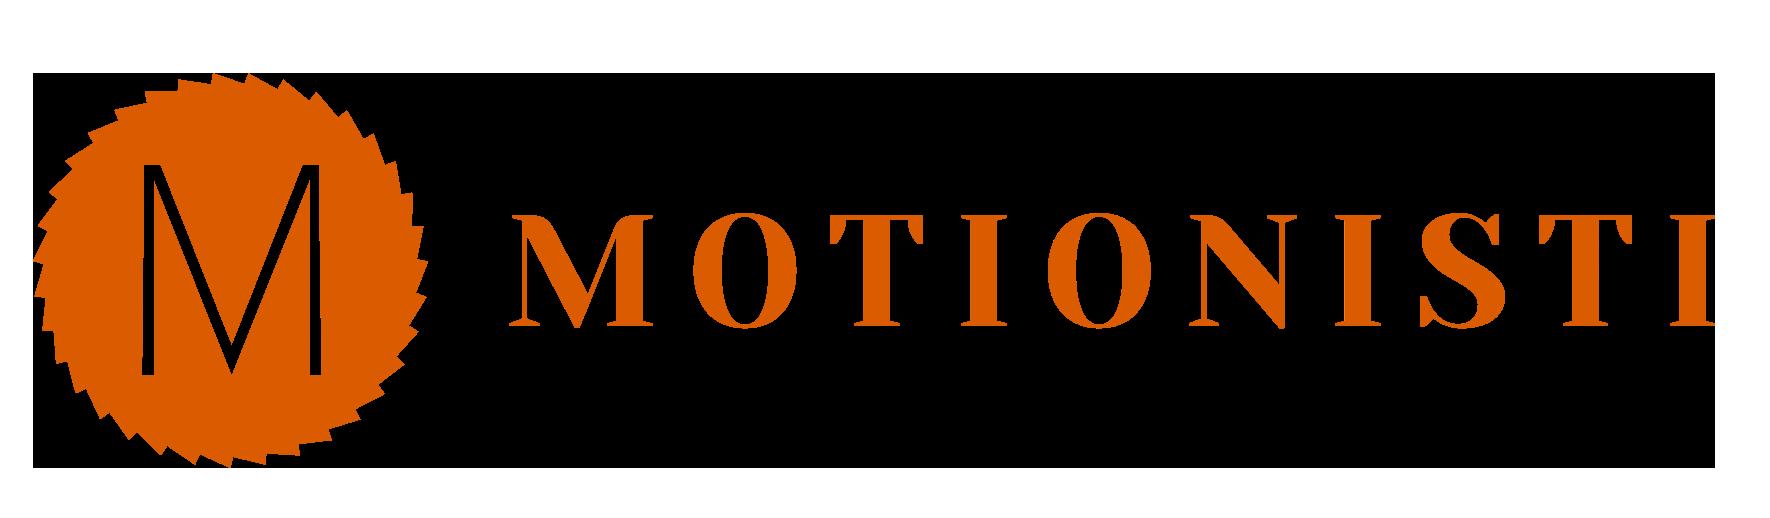 Motionisti logo